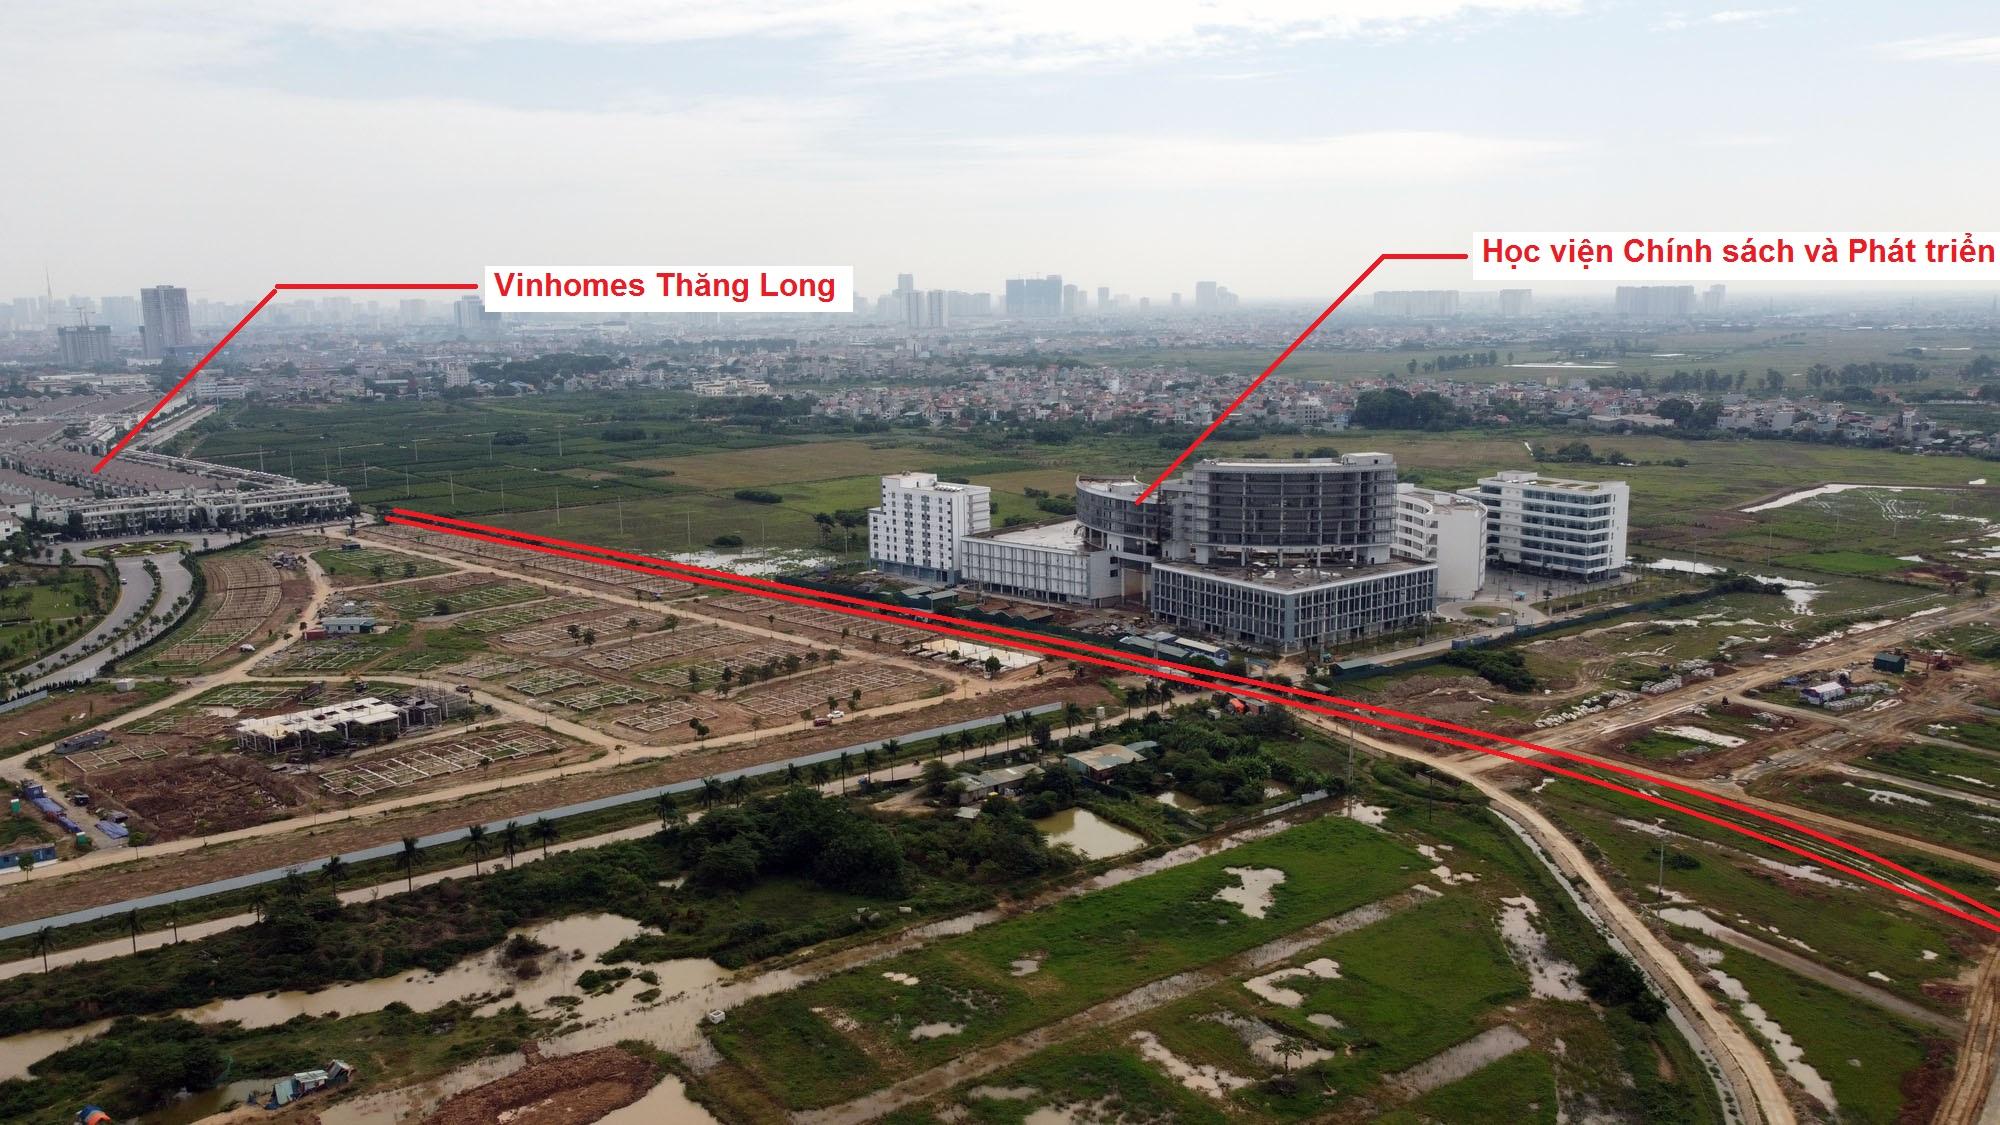 Ba đường sẽ mở theo quy hoạch ở xã An Thượng, Hoài Đức, Hà Nội - Ảnh 14.